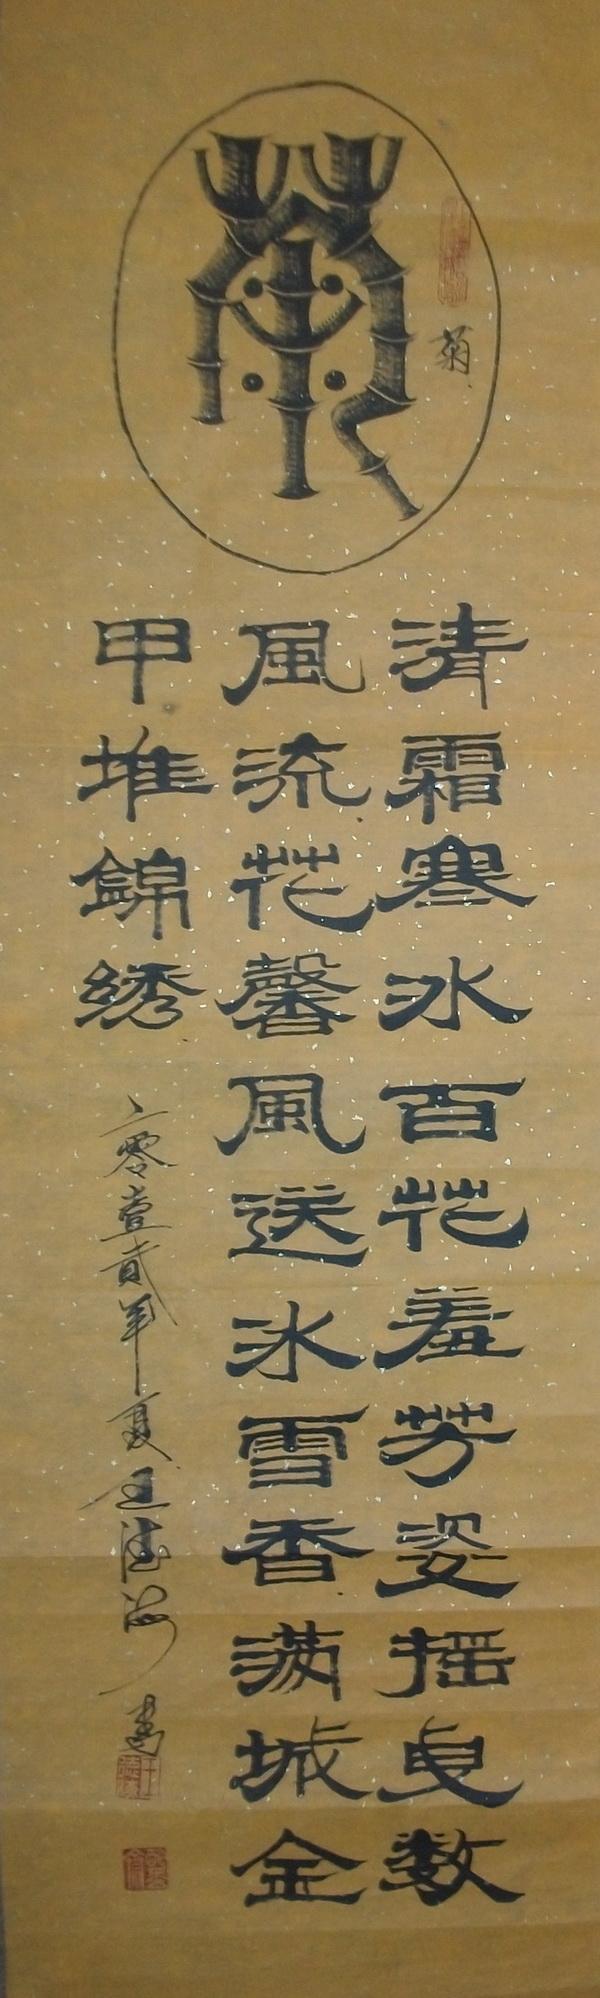 竹骨文条幅 梅兰竹菊